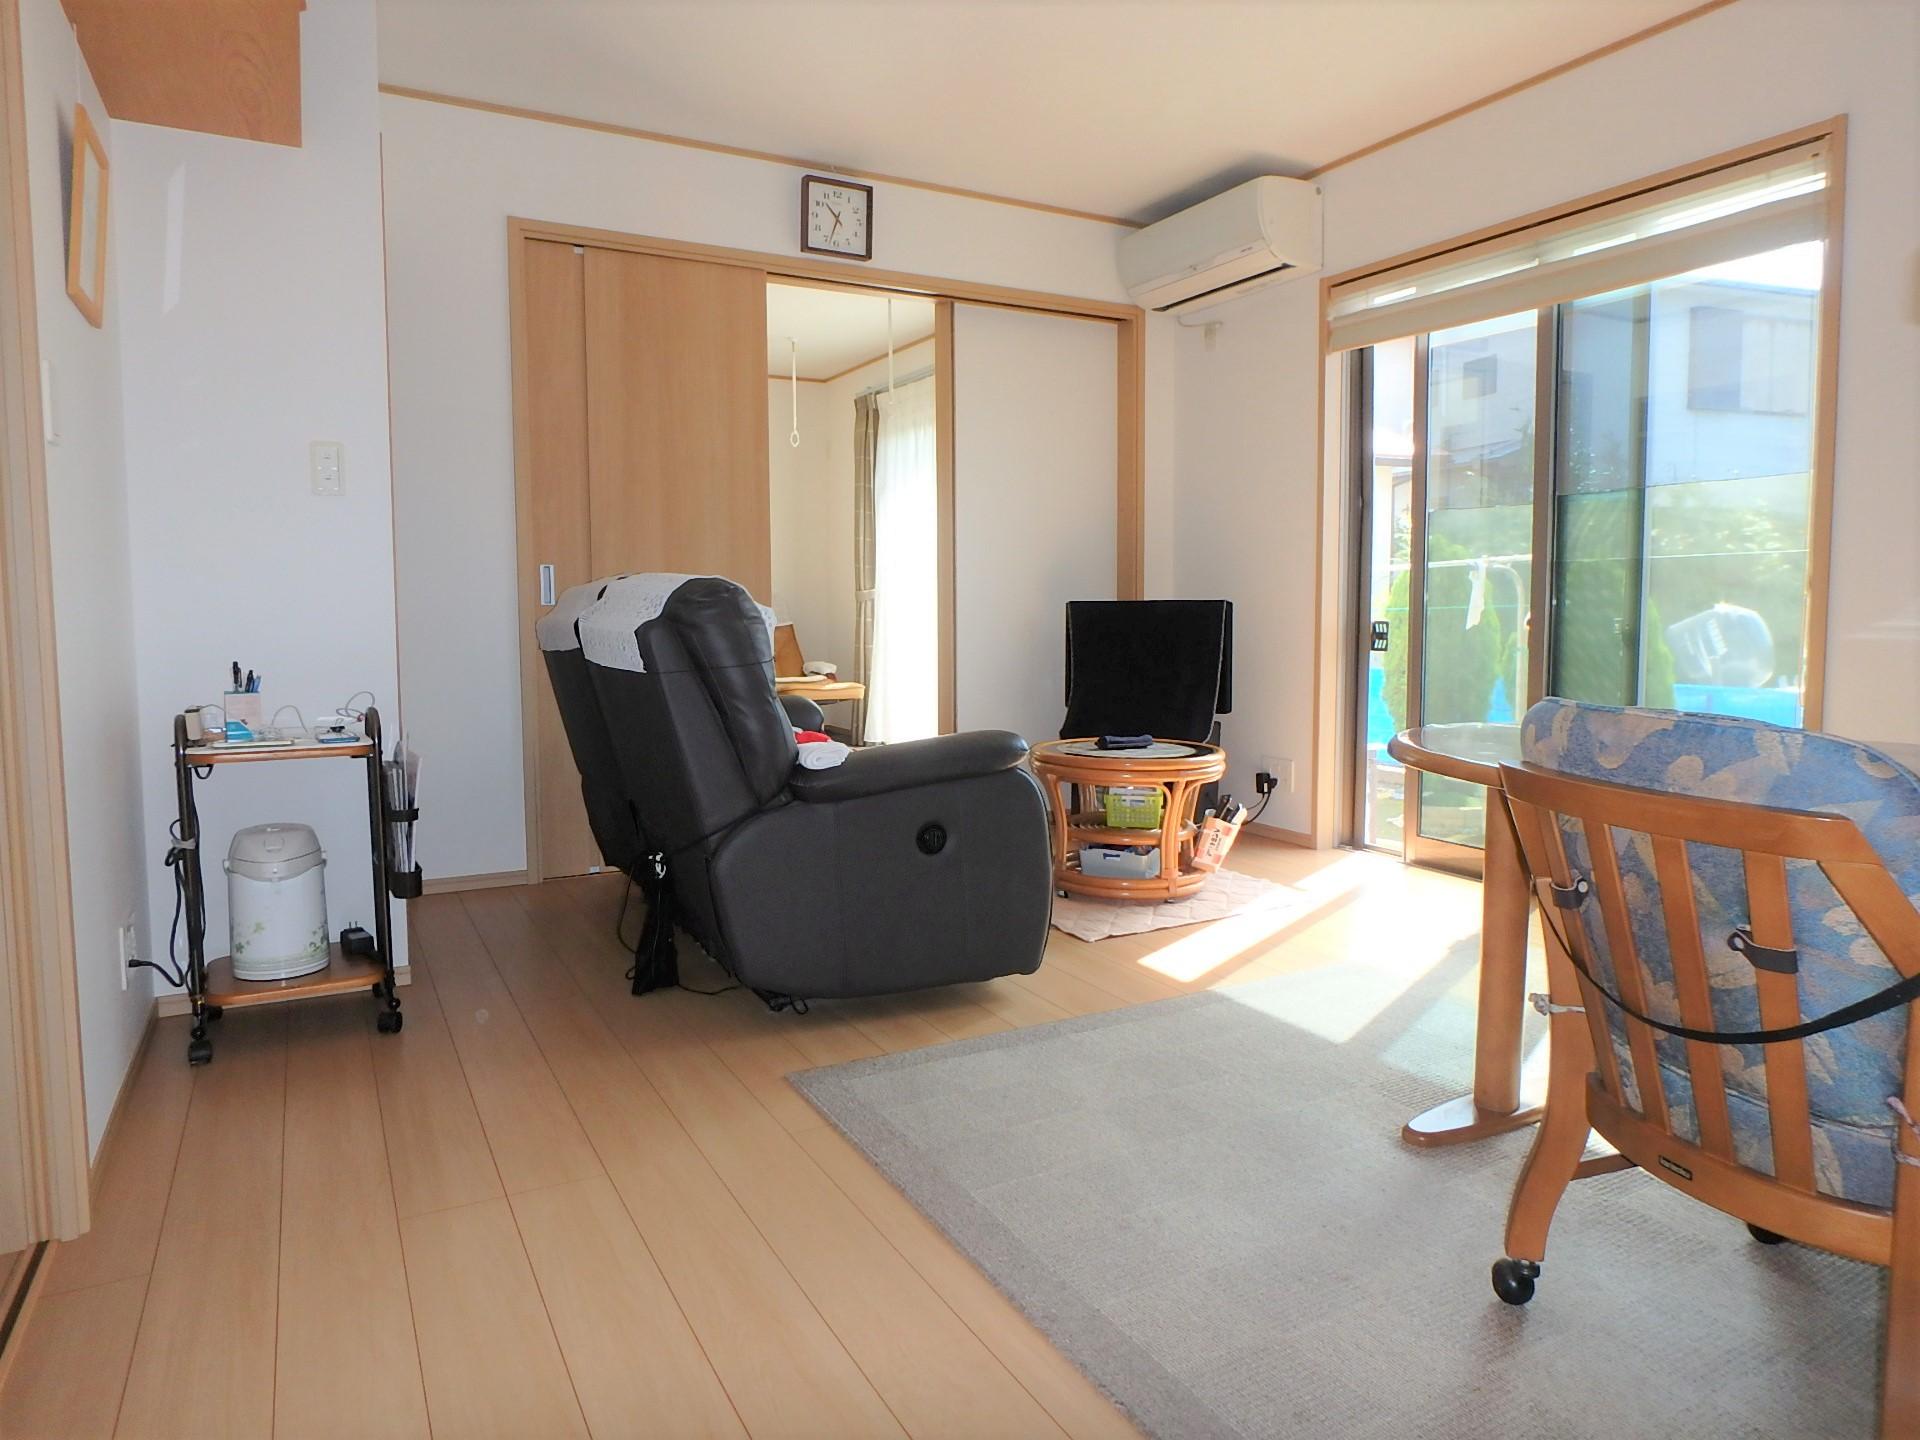 千葉県館山市北条の不動産、北条海岸すぐの物件、別荘、田舎暮らし、ご商談